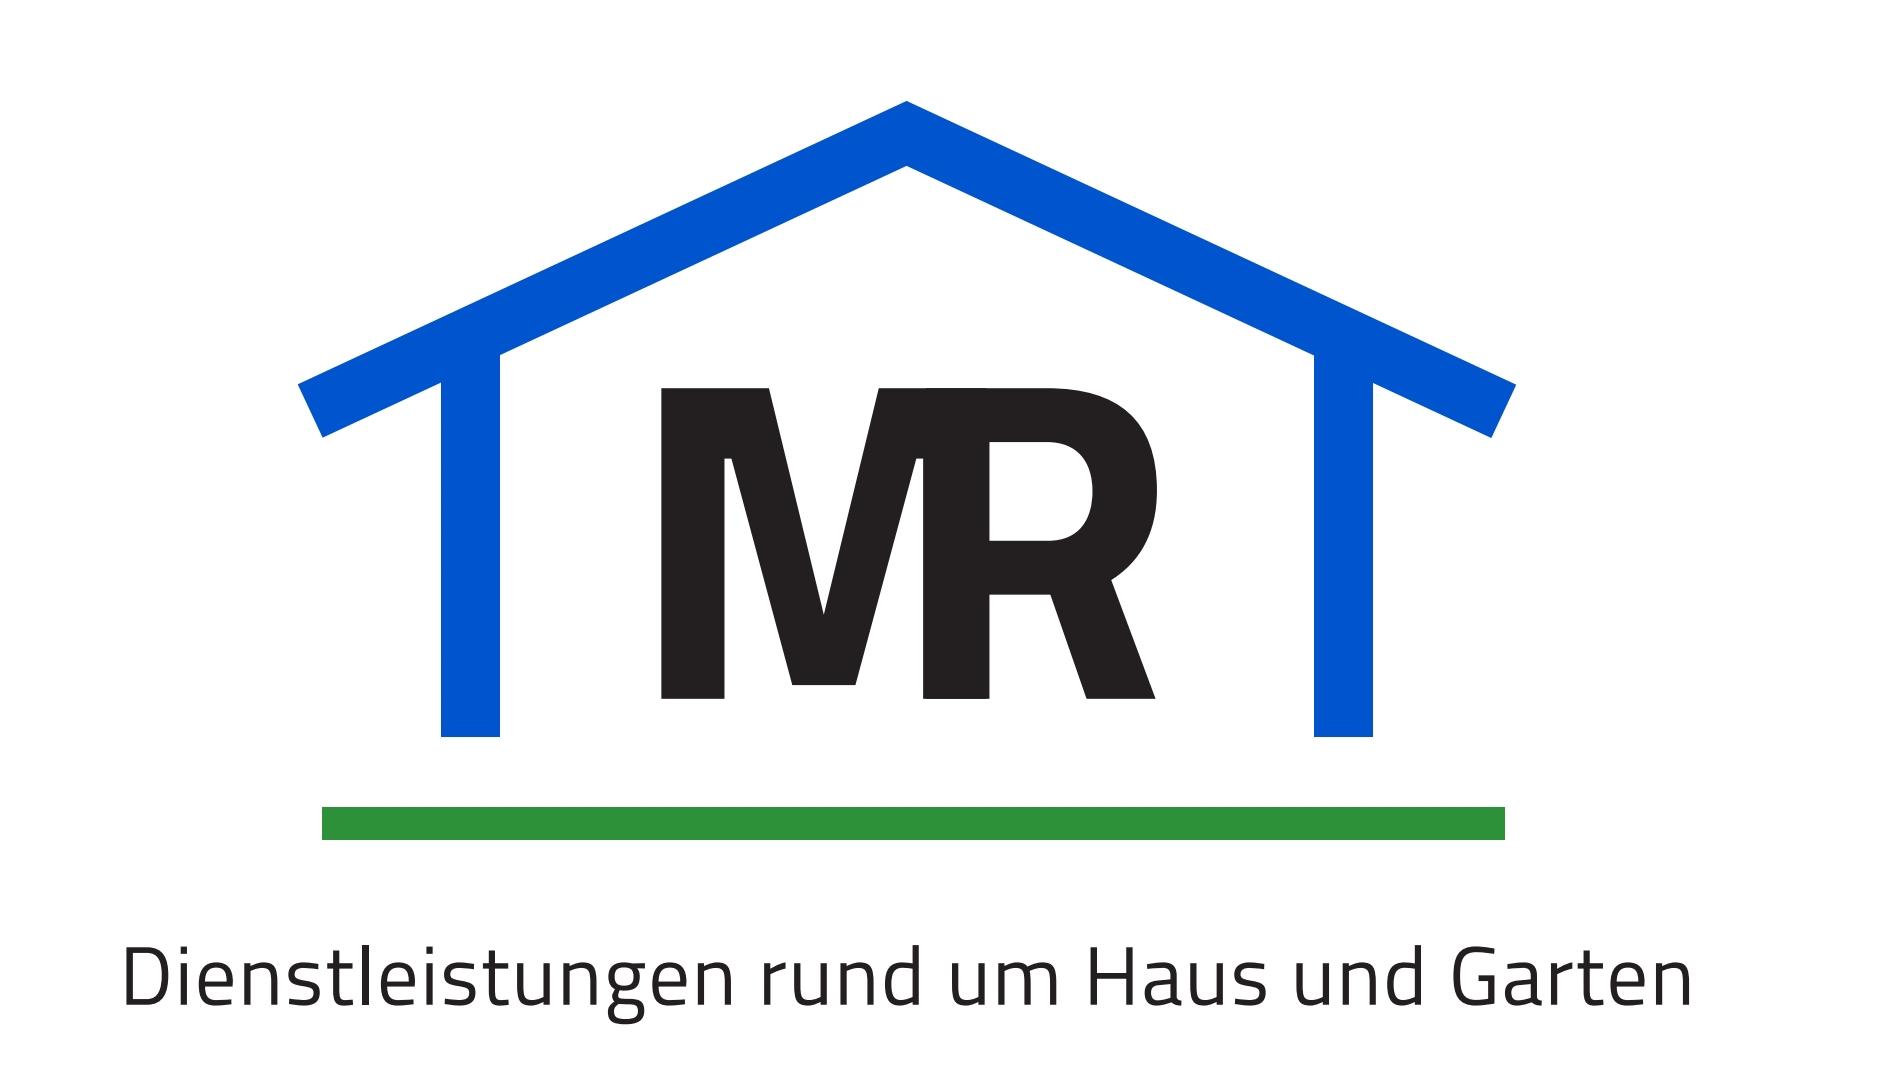 Mr Dienstleistungen Rund Um Haus Und Garten